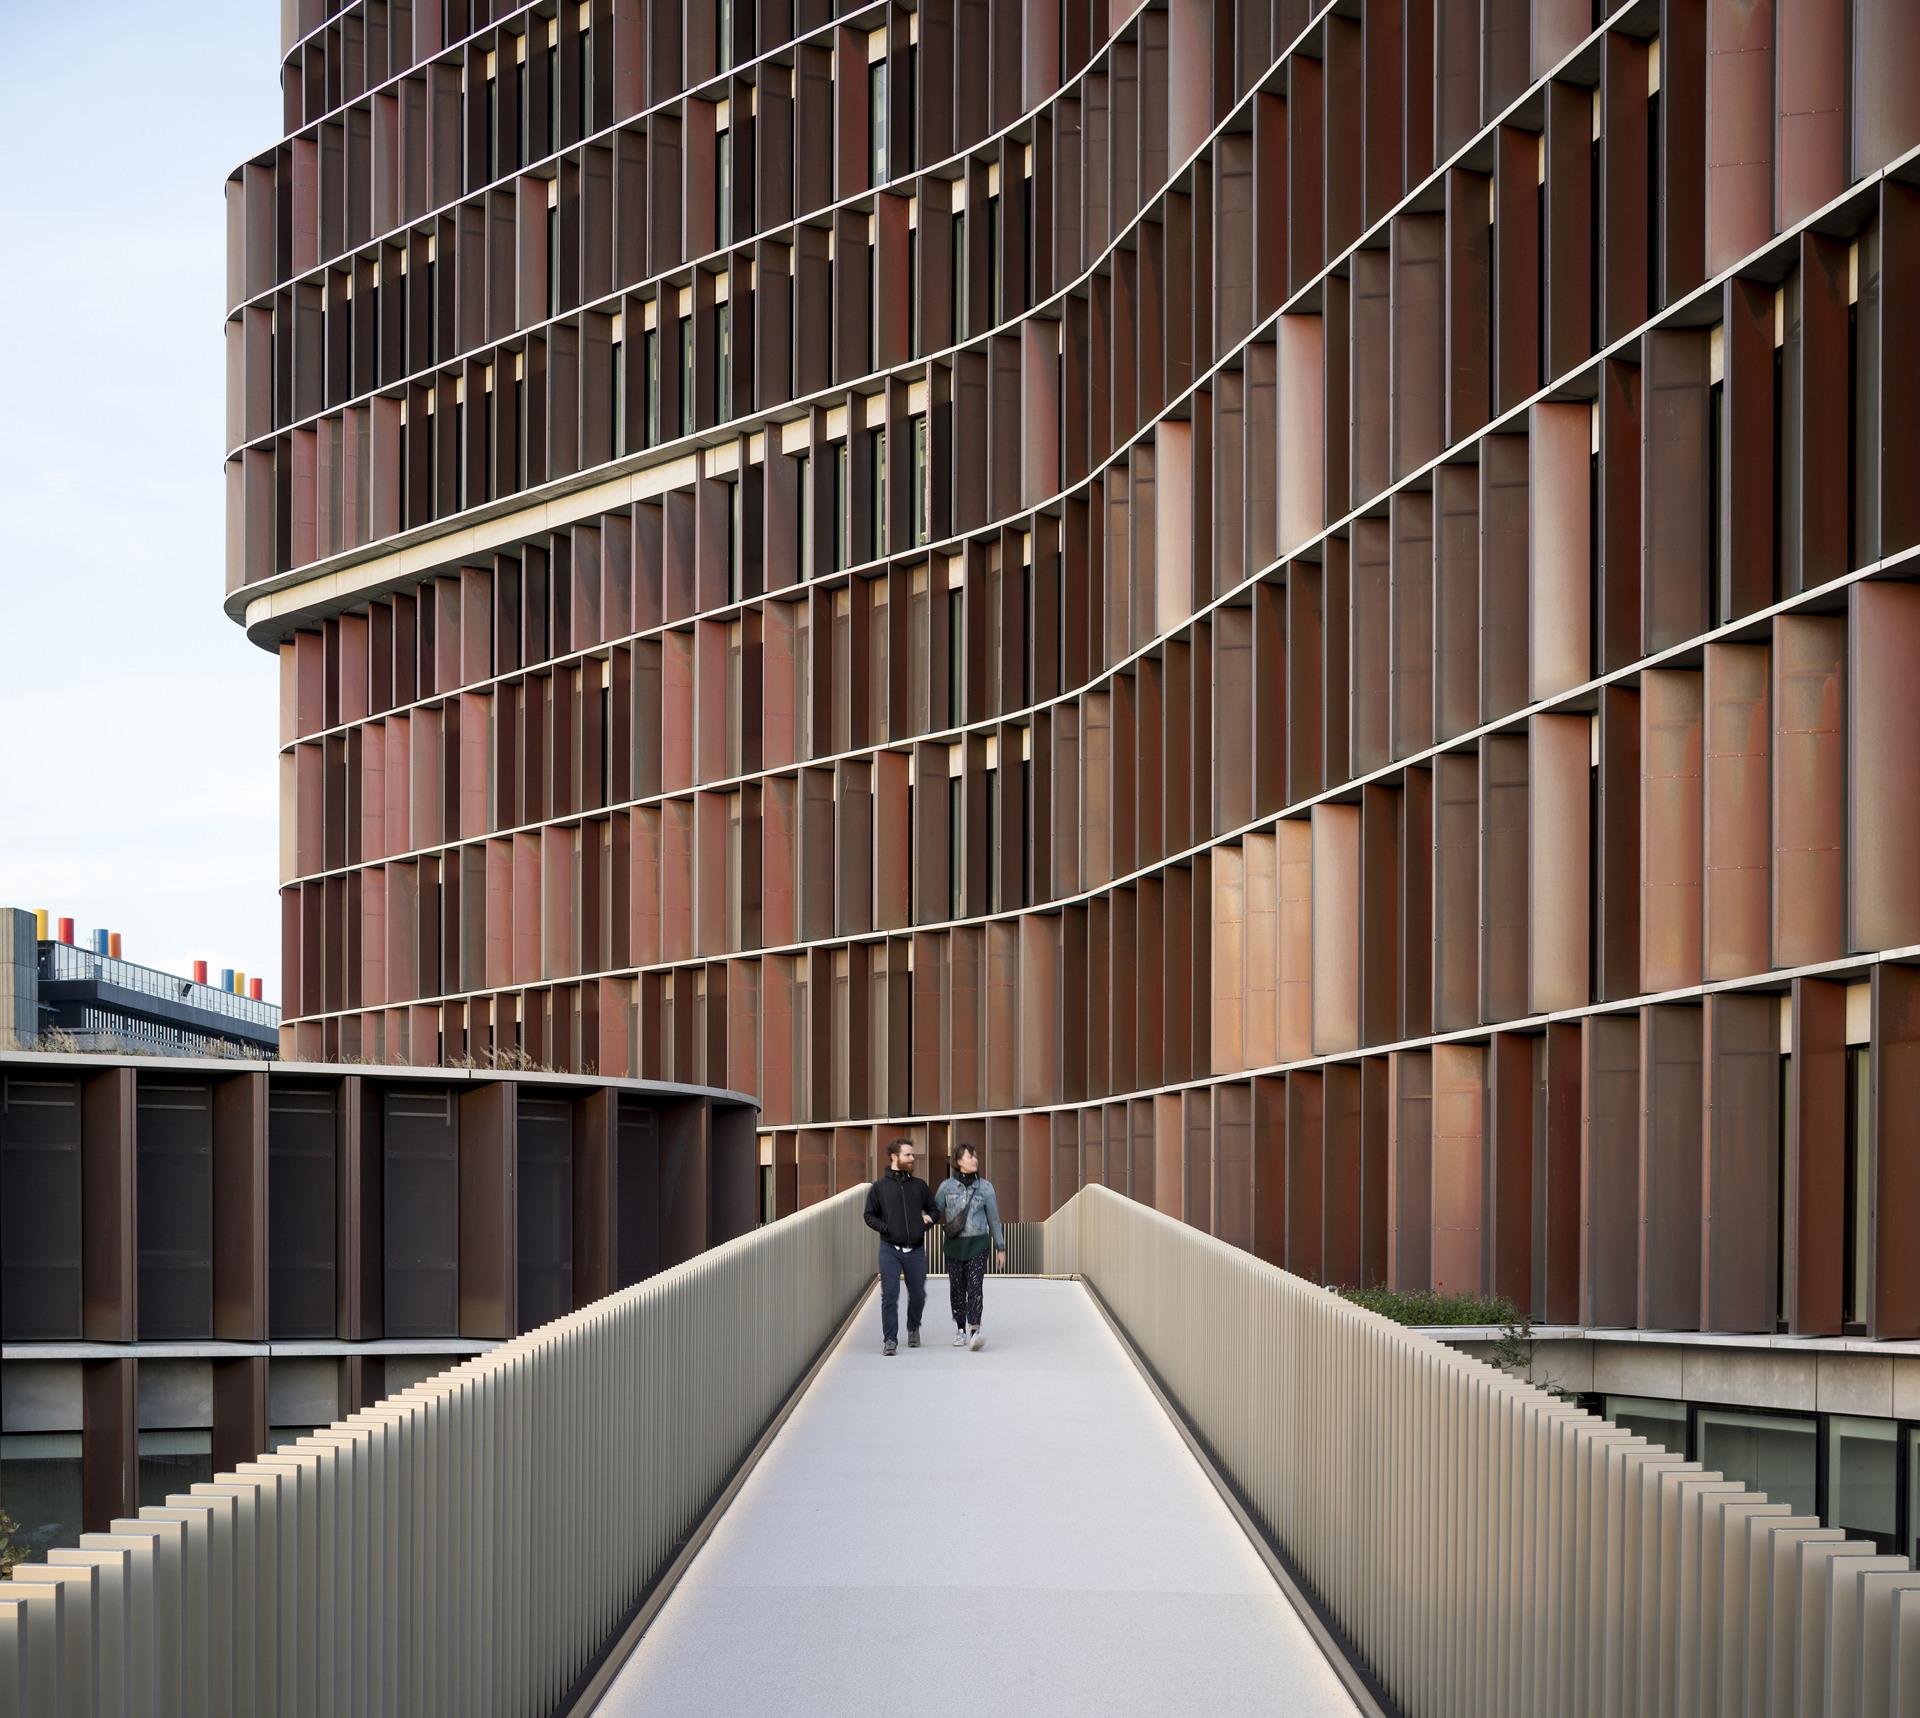 La tour Maersk, un bâtiment signal devenu un emblème énergétique à Copenhague